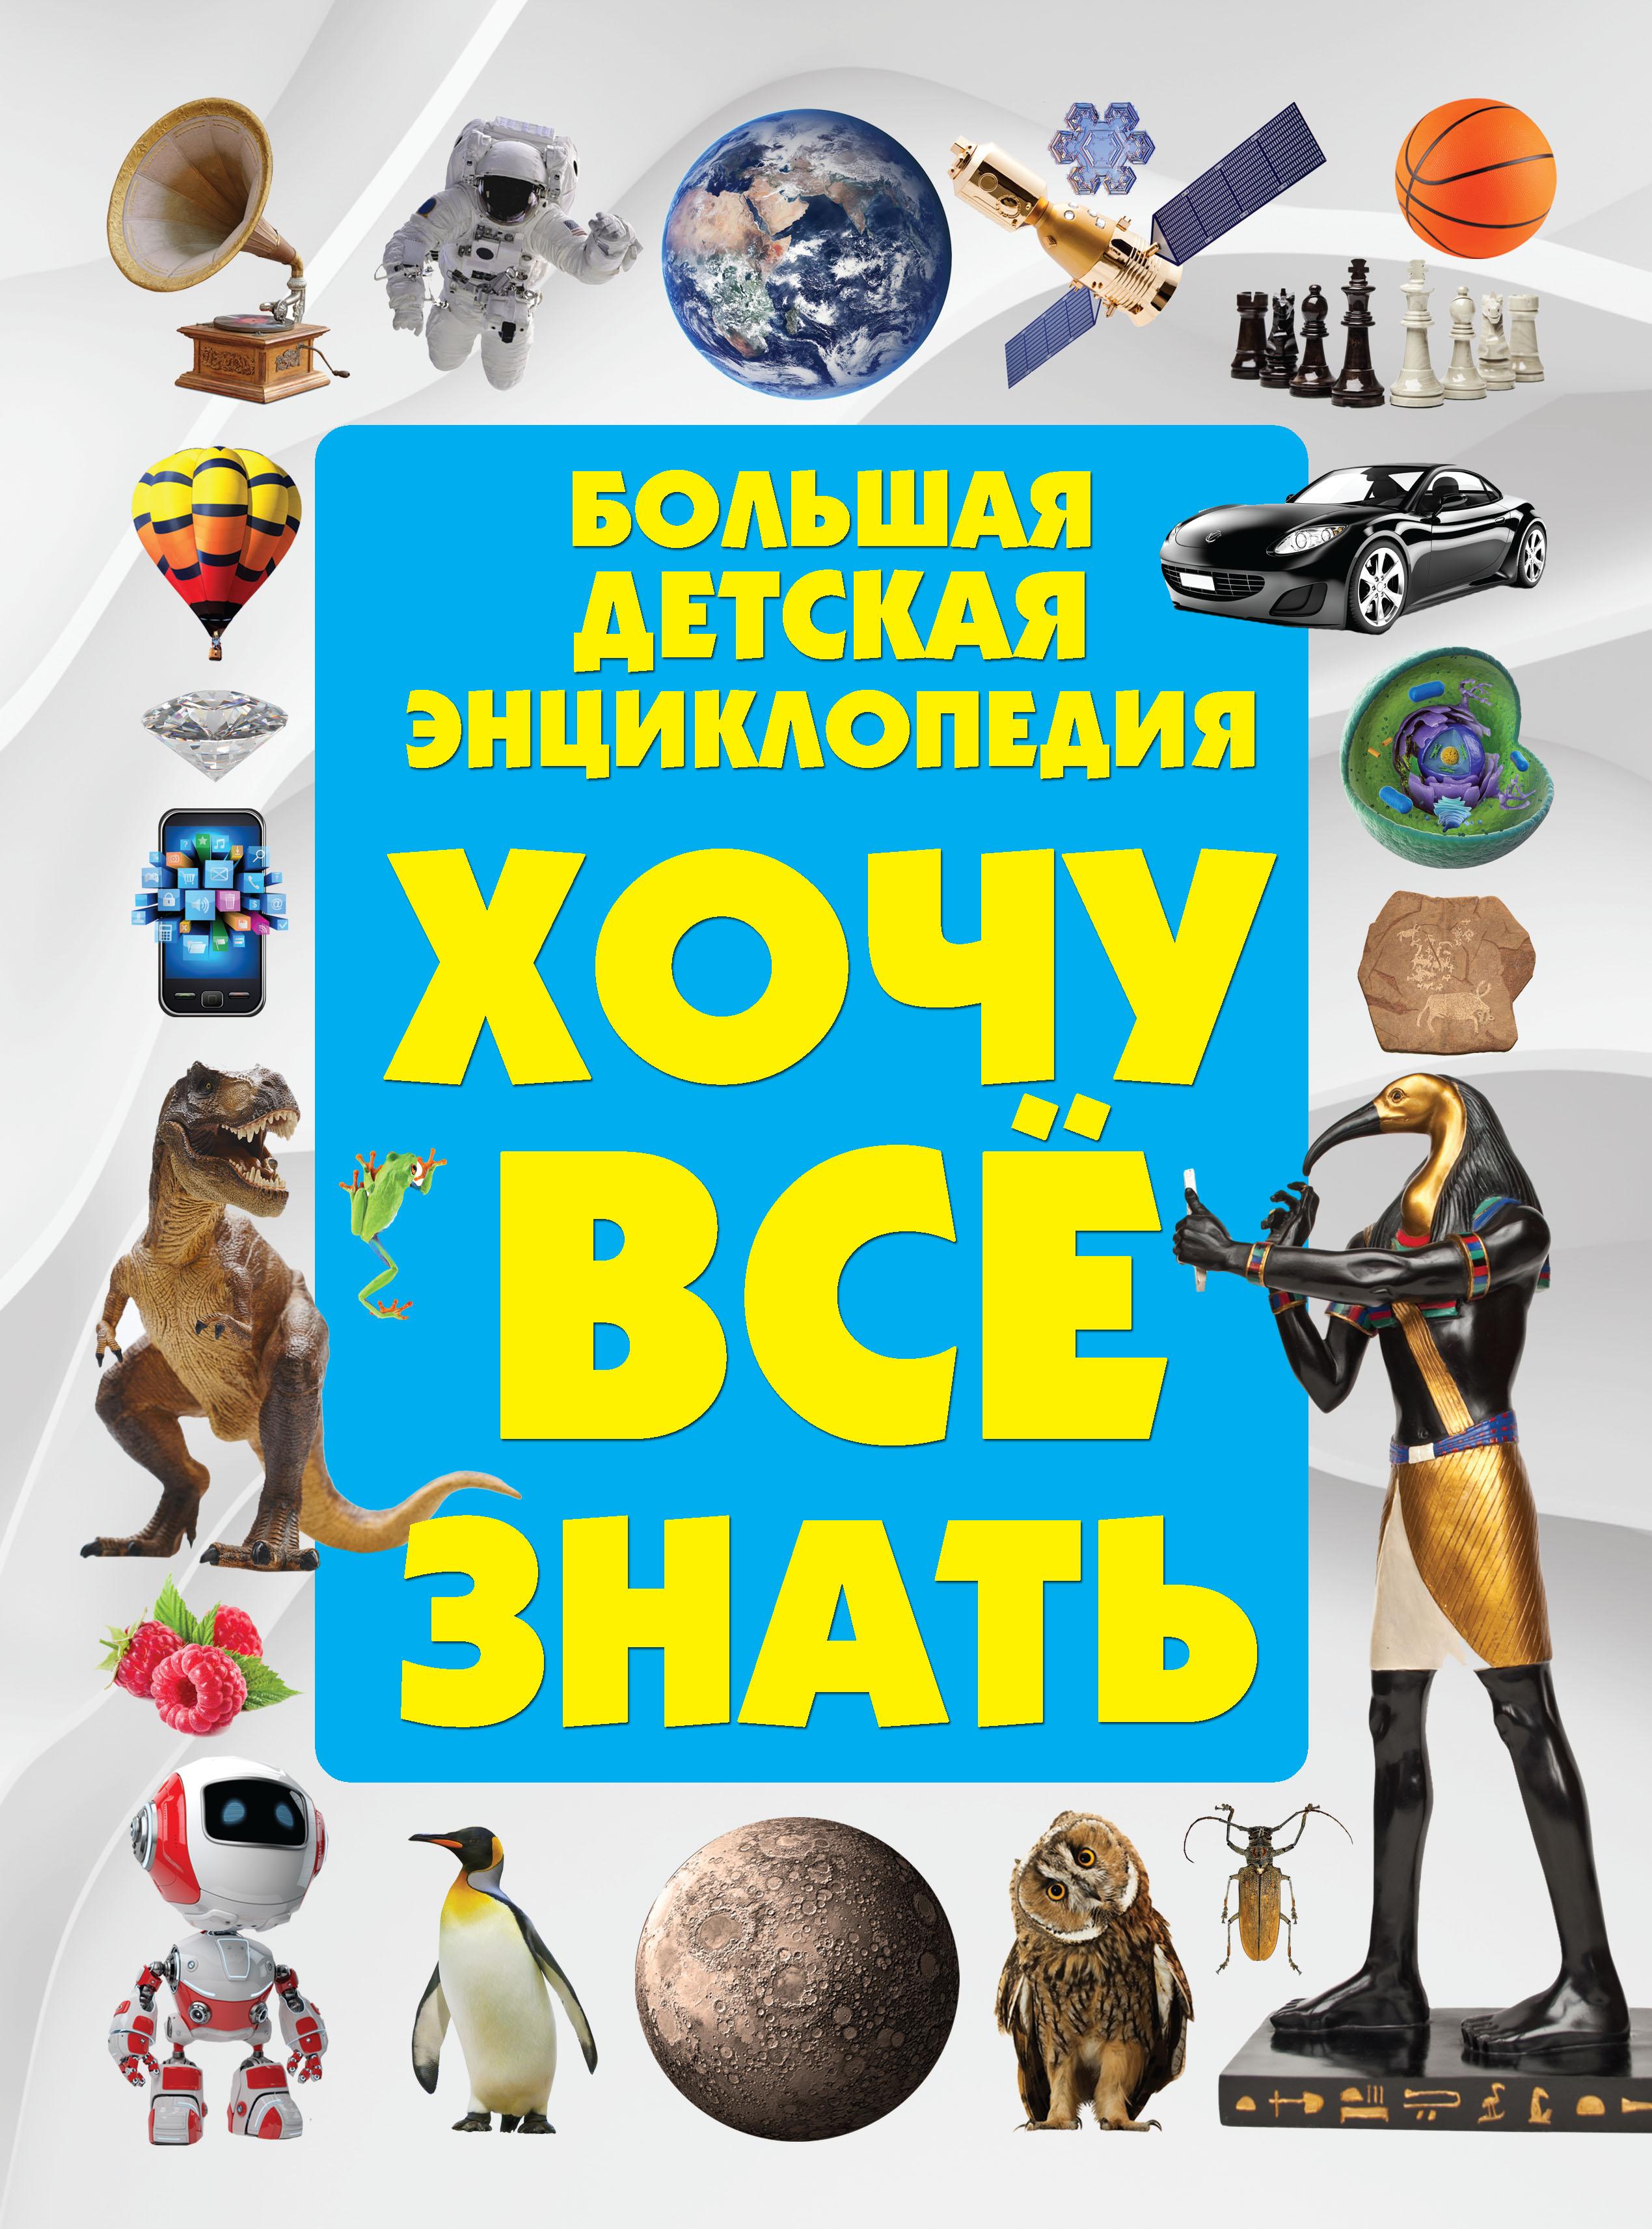 Д. И. Ермакович Хочу всё знать. Большая детская энциклопедия ермакович д гигантская детская энциклопедия для почемучек